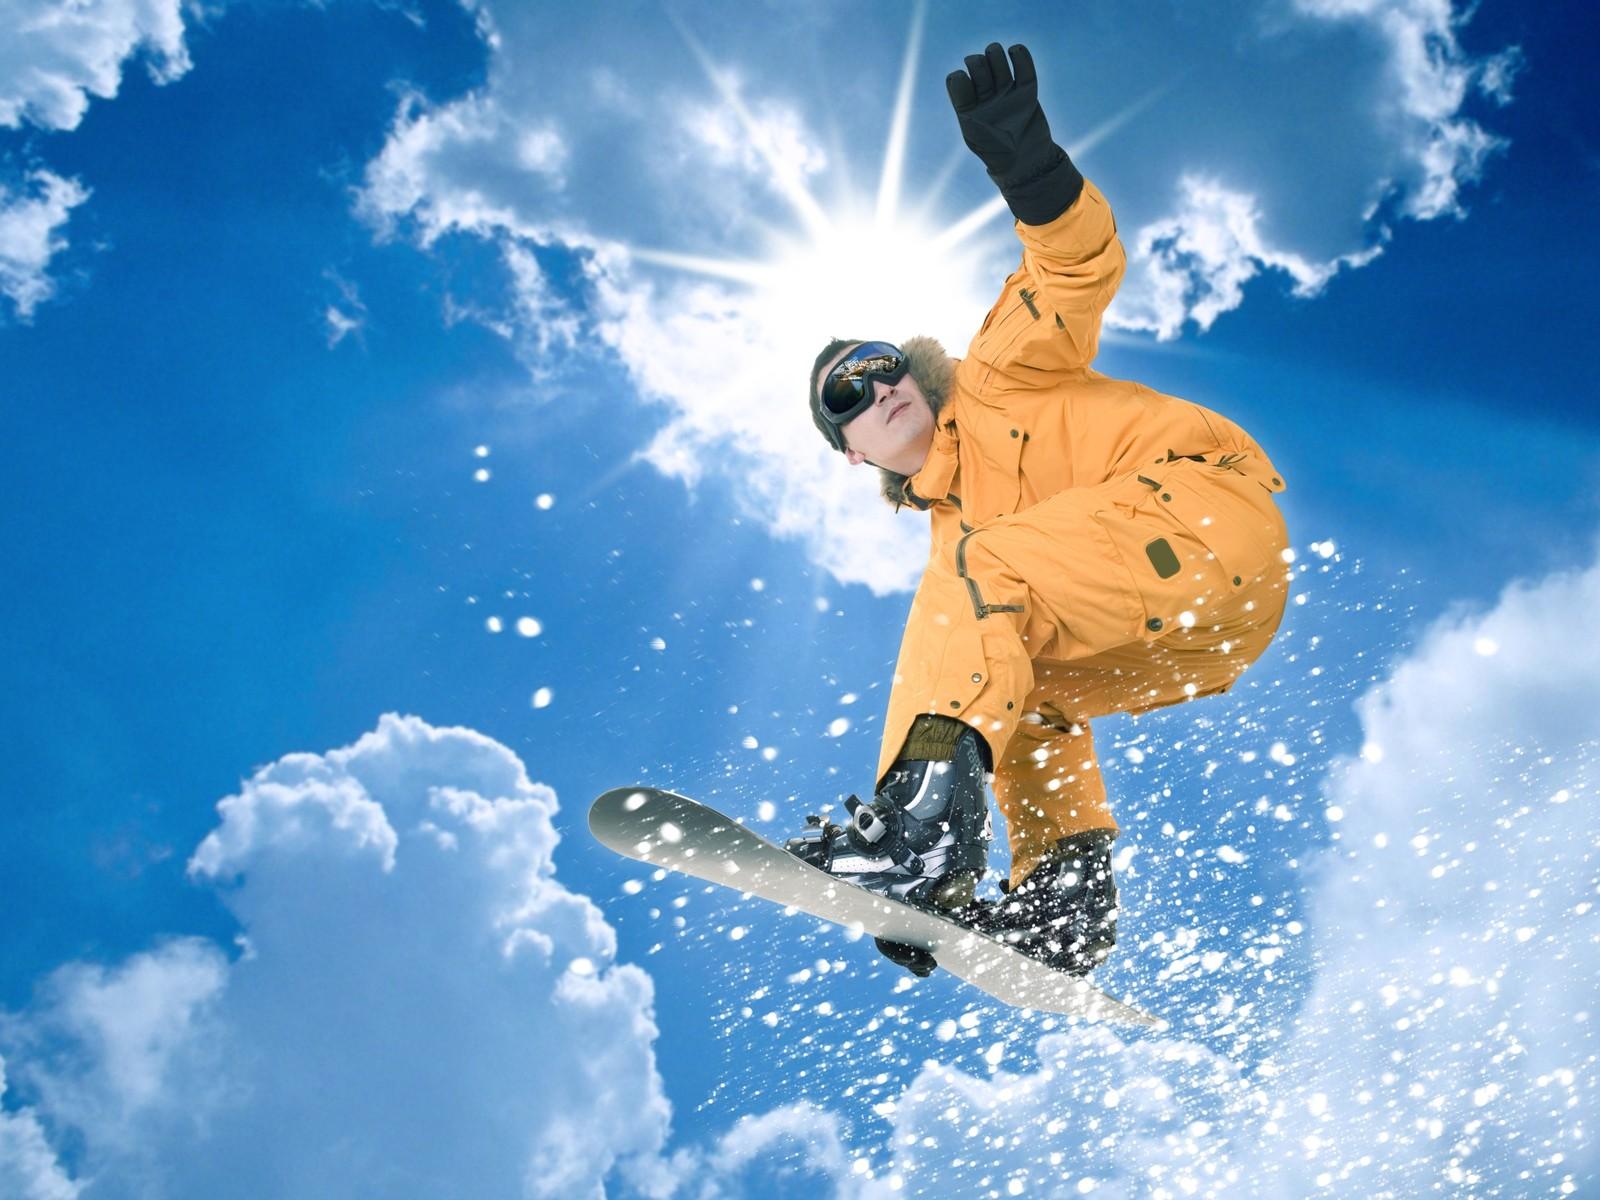 snowboard wallpaper, скачать фото, обои для рабочего стола, сноуборд